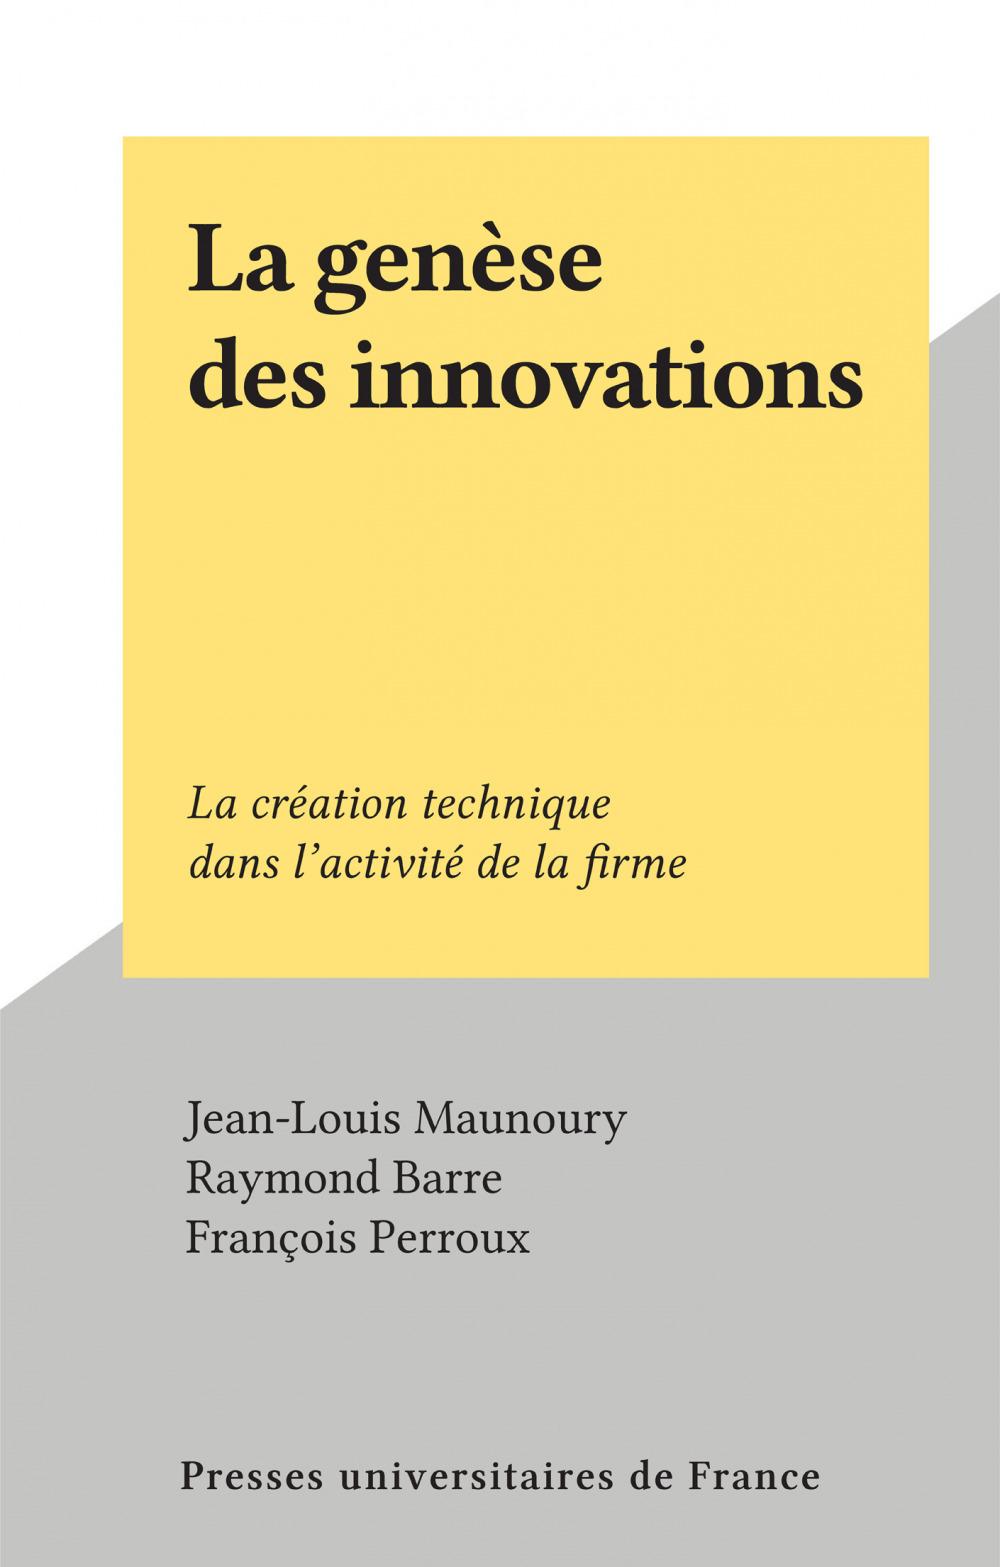 La genèse des innovations